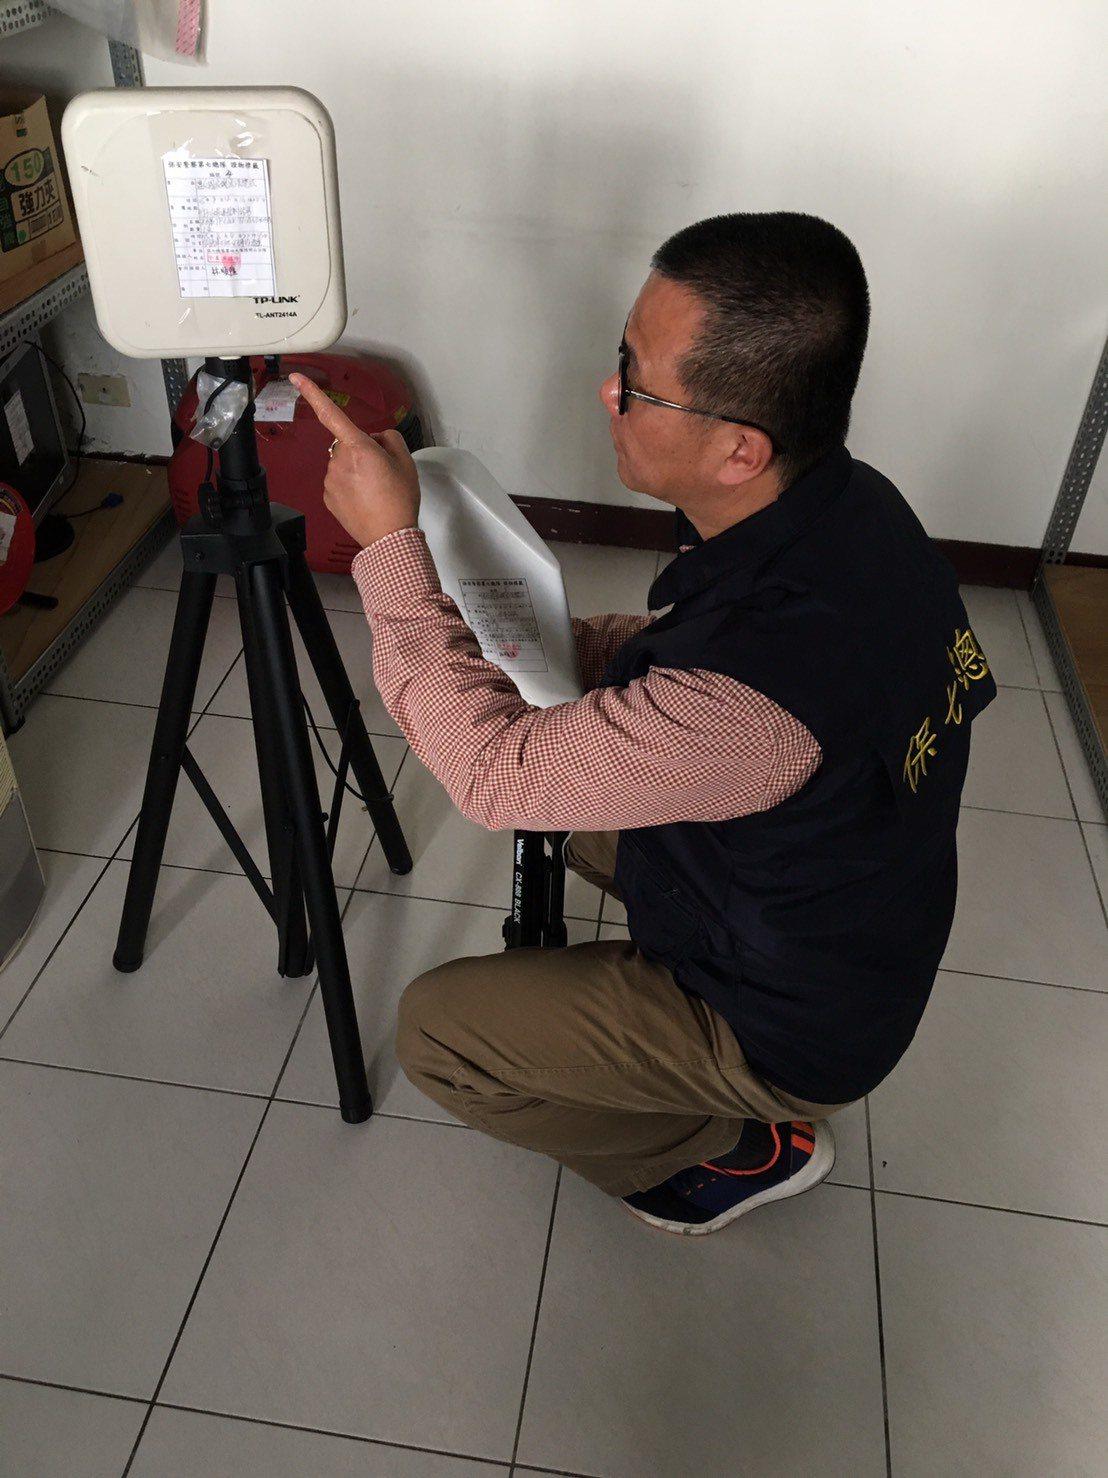 保七刑大查扣偵蒐雷達站訊號的相關儀器。記者林孟潔/翻攝